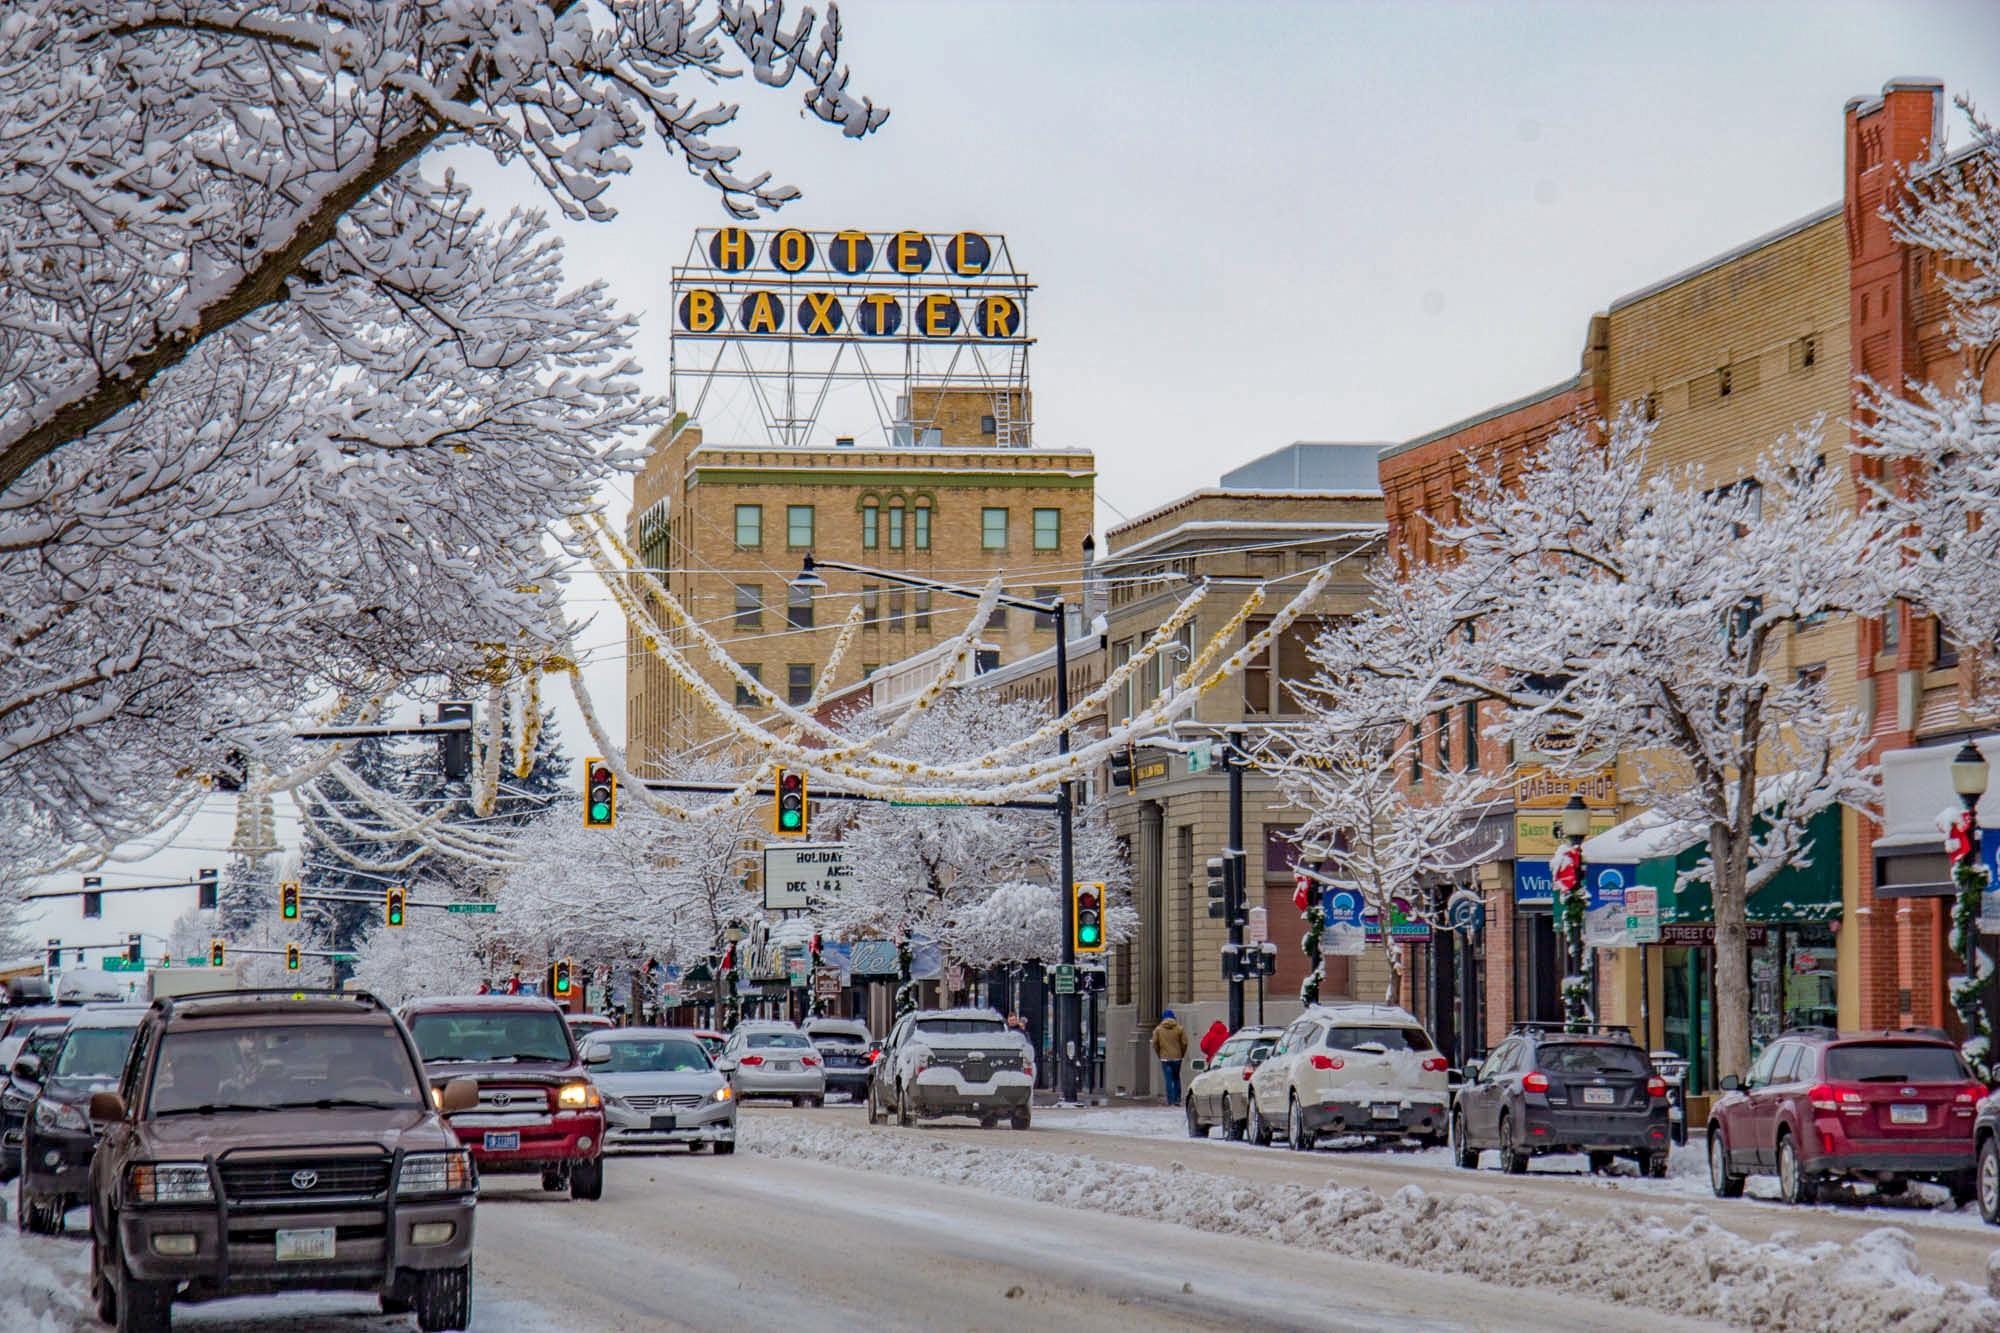 Winter in Downtown Bozeman